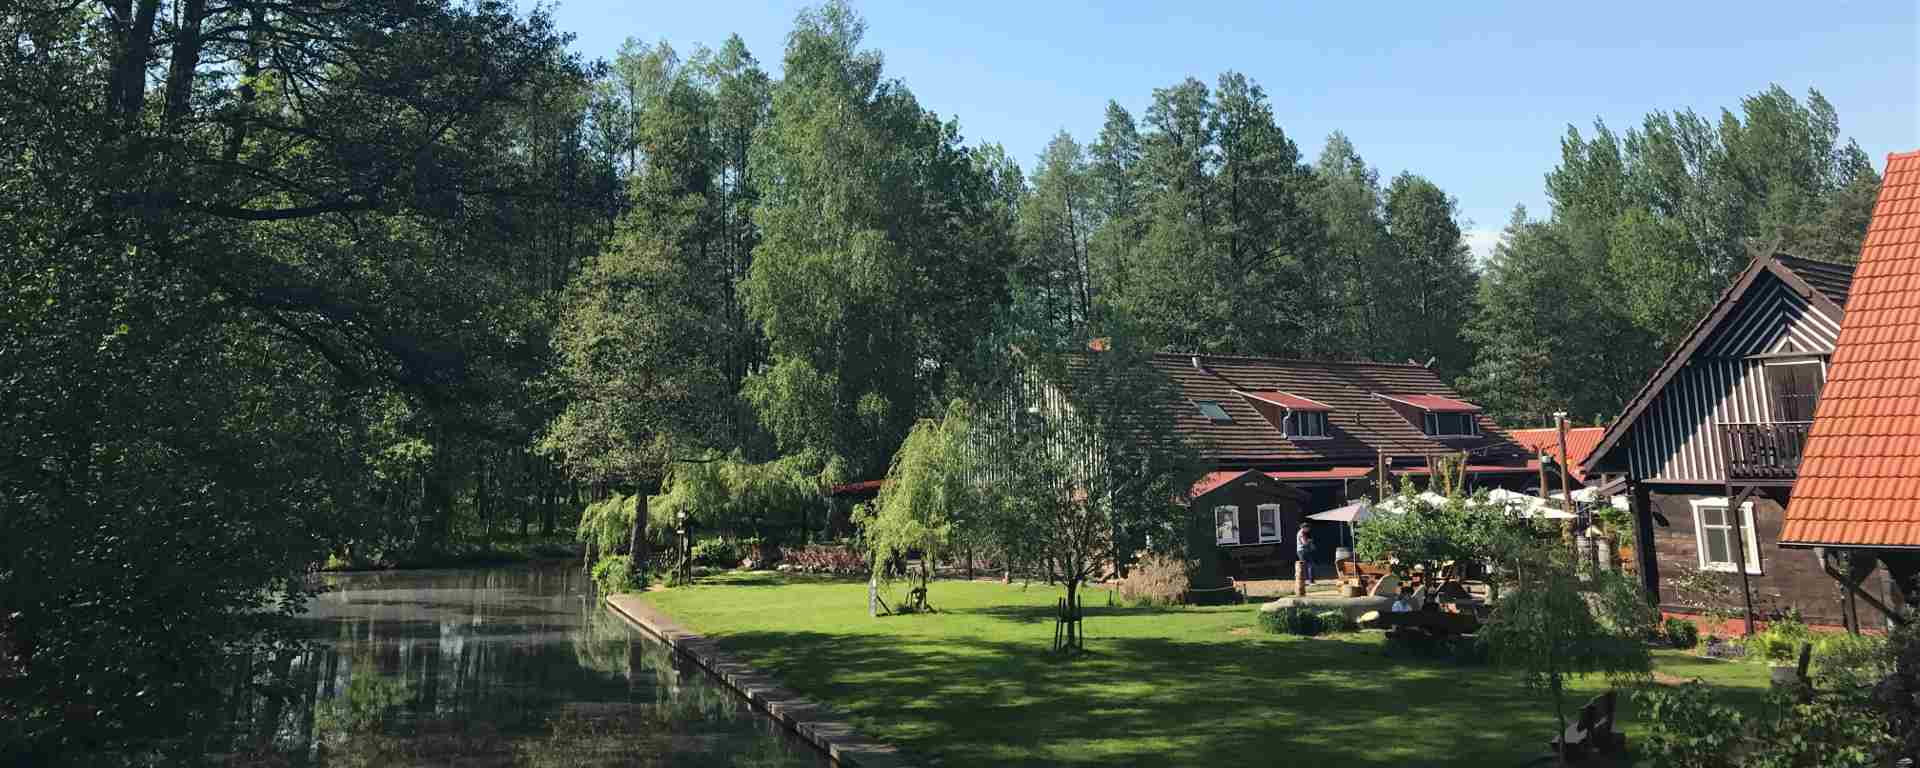 Spreewald bei Leipe